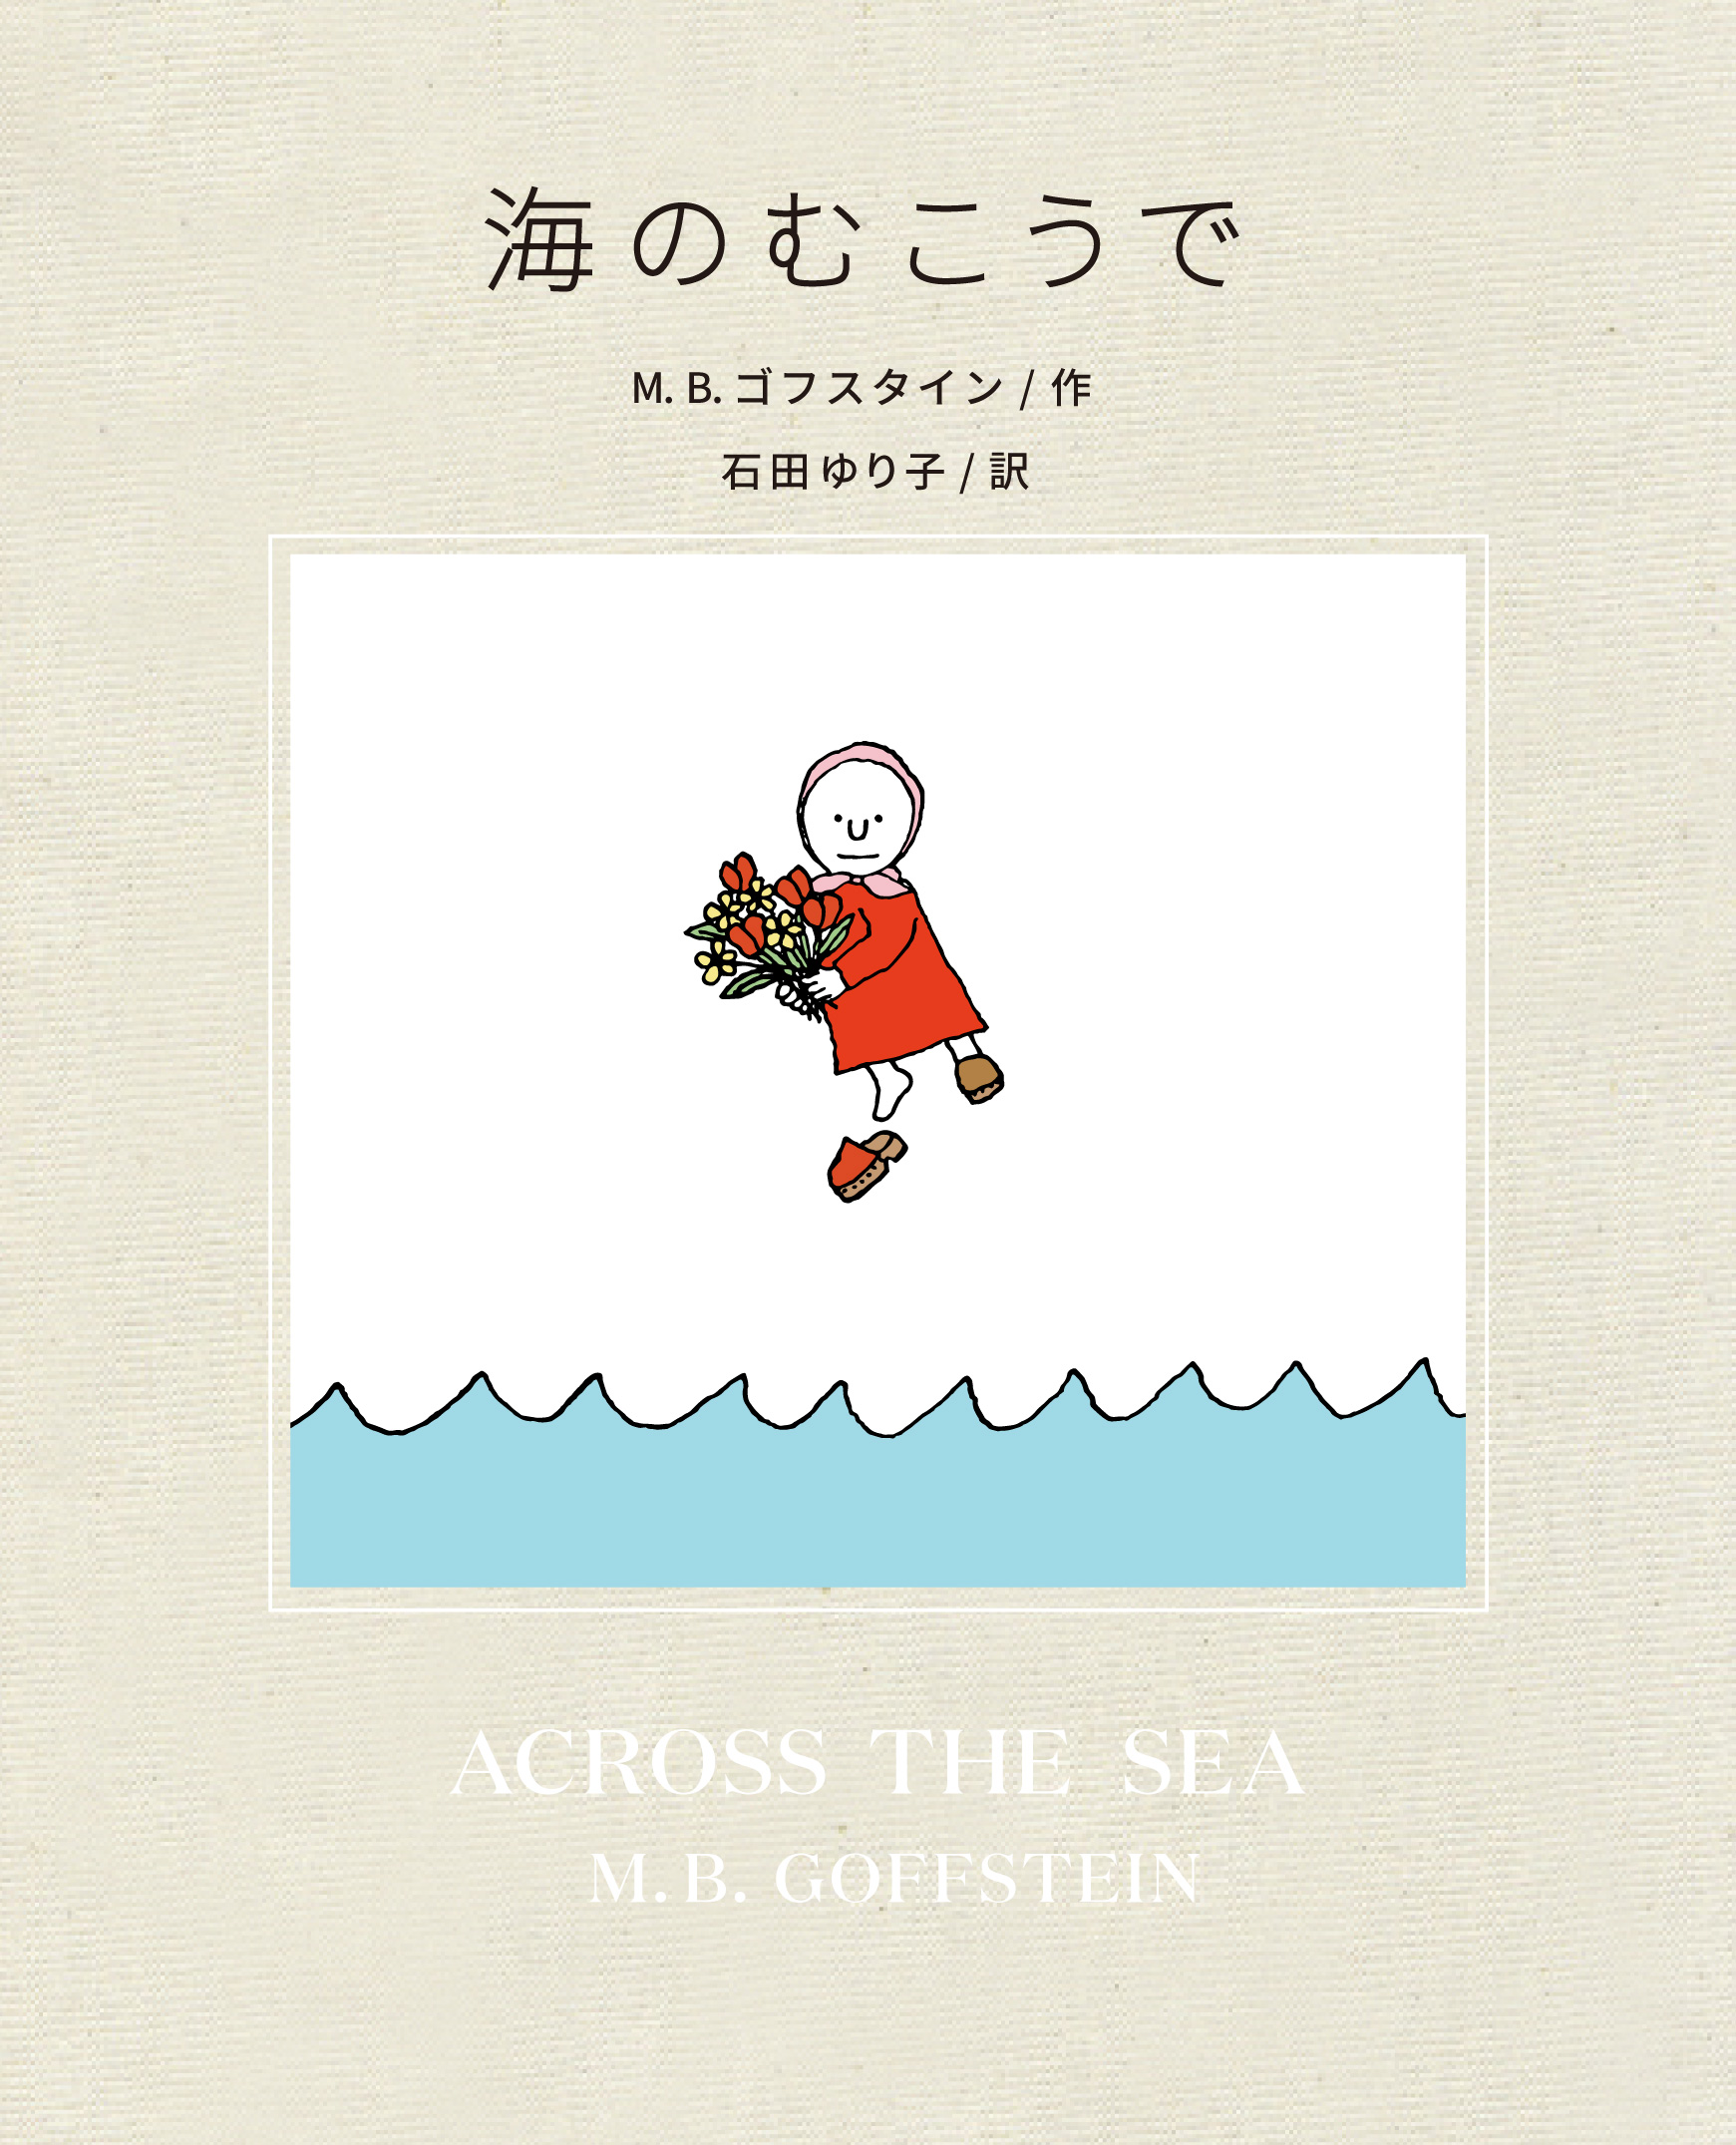 海の向こうで